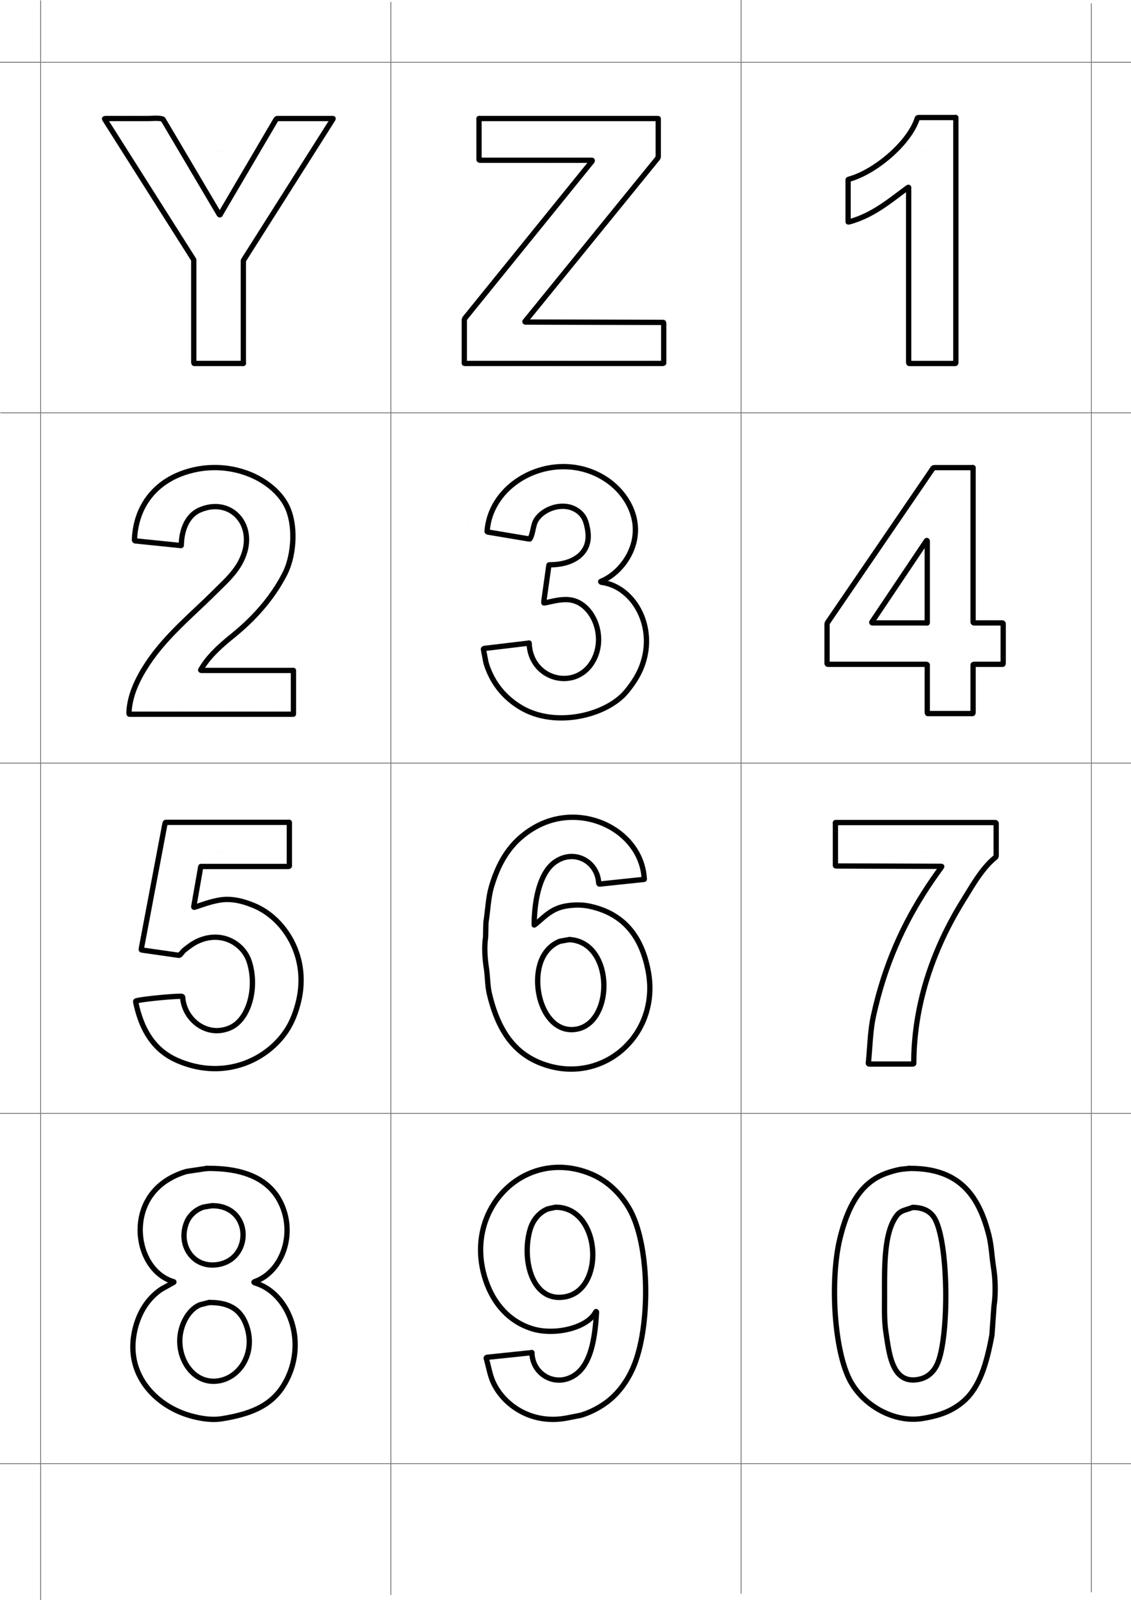 Lettere E Numeri Lettere Stampatello Dalla Y Alla Z E